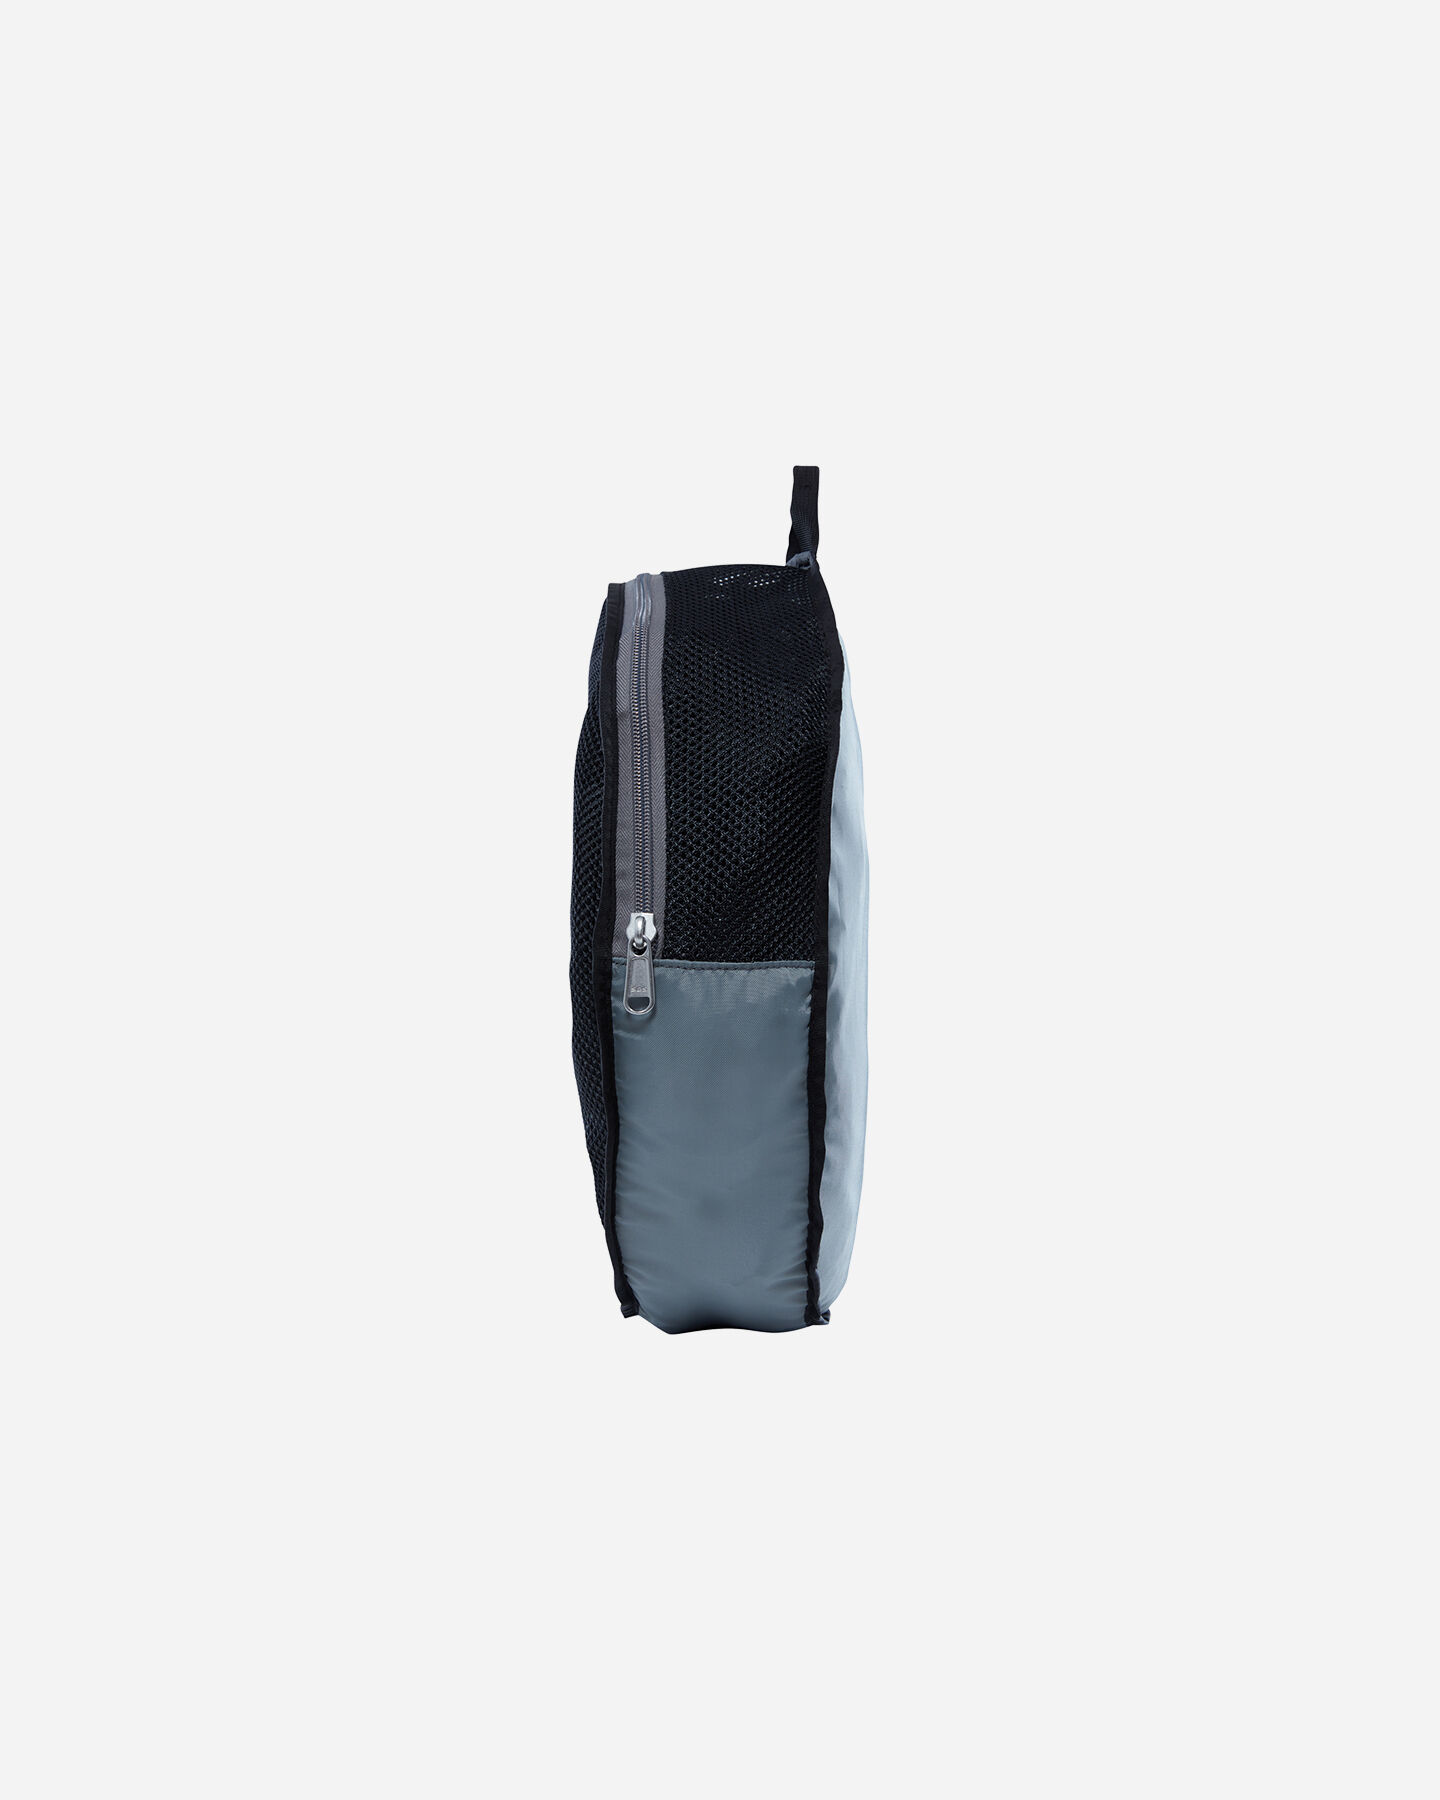 Borsa THE NORTH FACE BASE CAMP DUFFEL S S4043959|1|UNI scatto 4